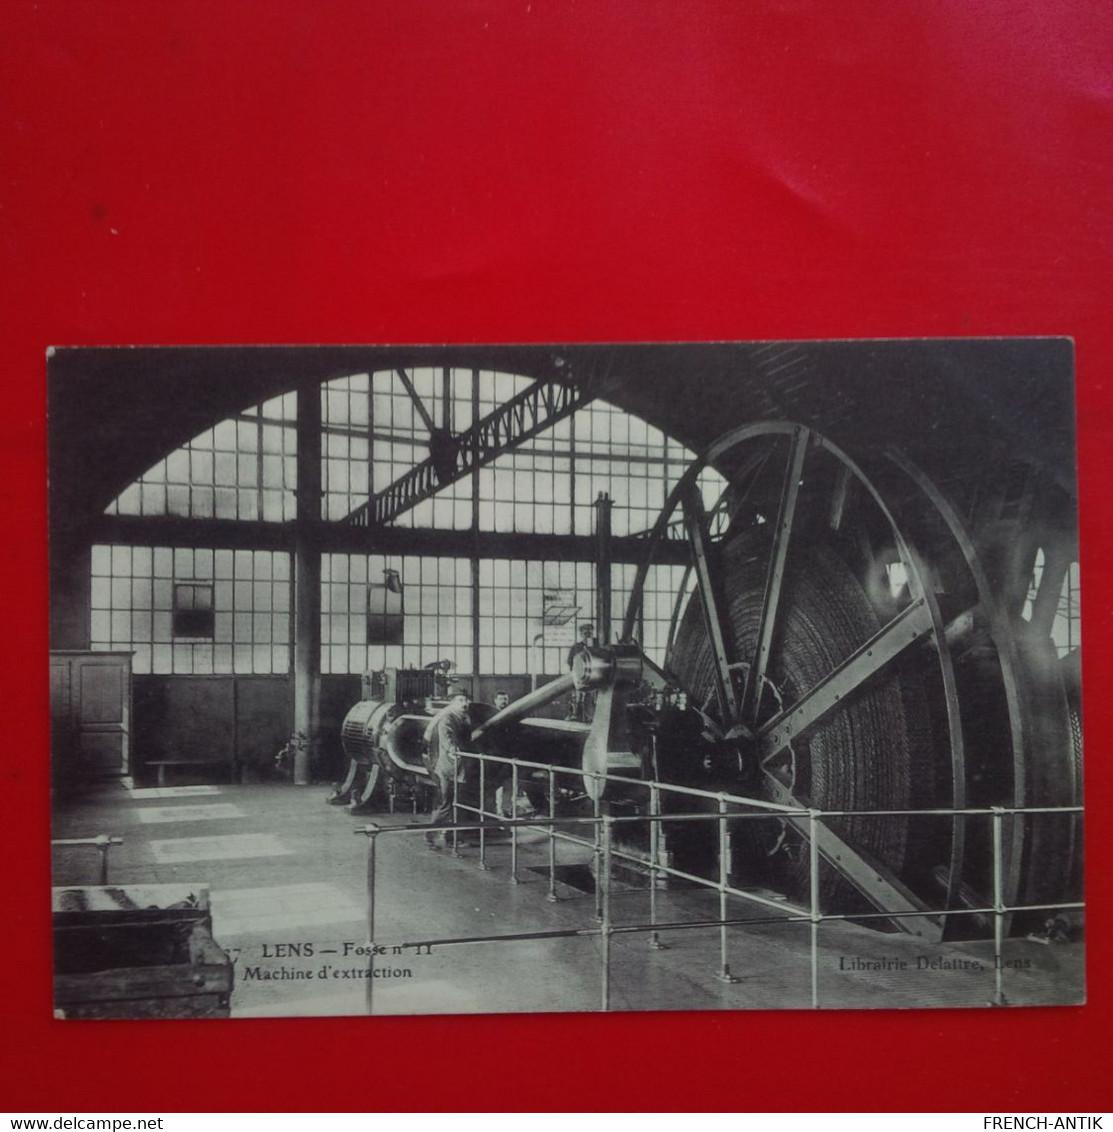 LENS MACHINE D EXTRACTION - Lens